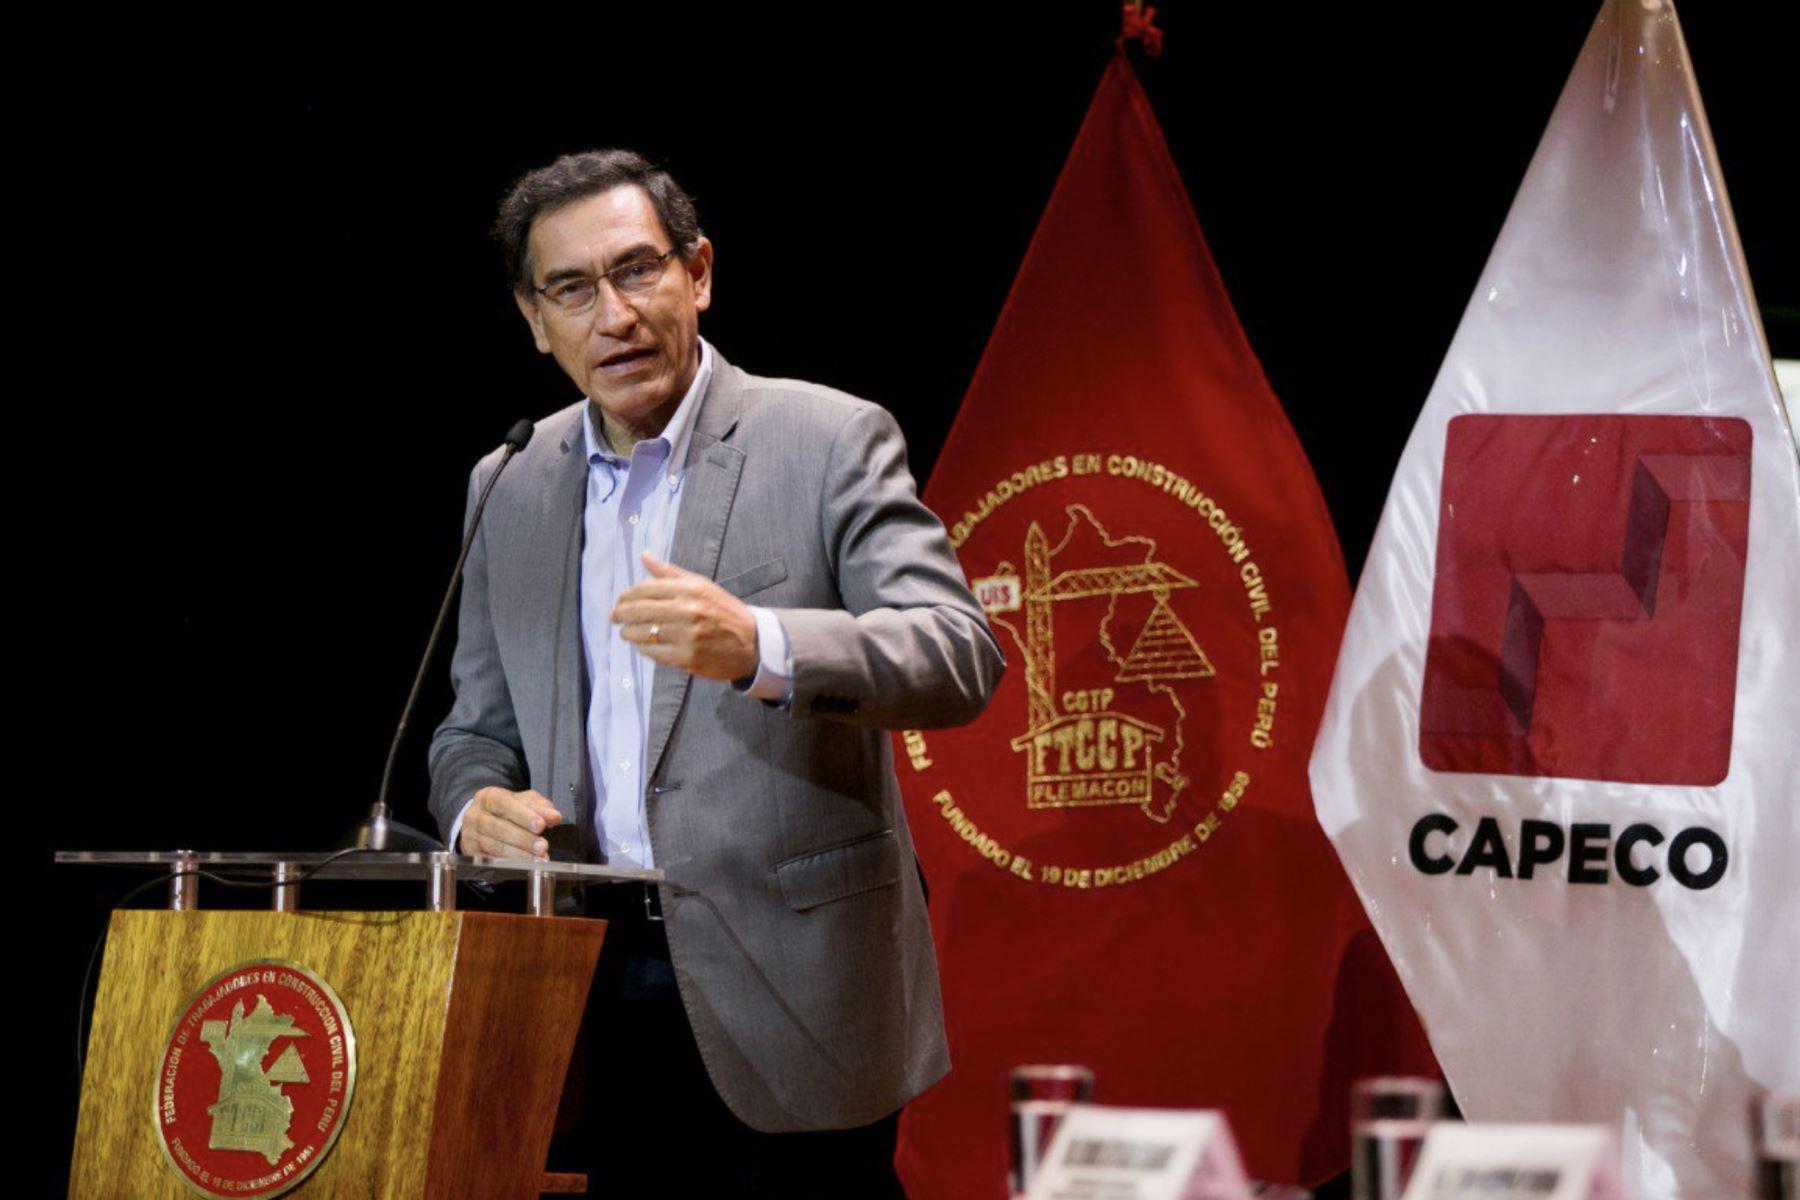 El presidente Martin Vizcarra participa en la ceremonia de  suscripción del Acta Final de Negociación del Sector Construcción Civil 2019-2020, entre la FTCCP y CAPECO . Foto: Andina /Prensa Presidencia